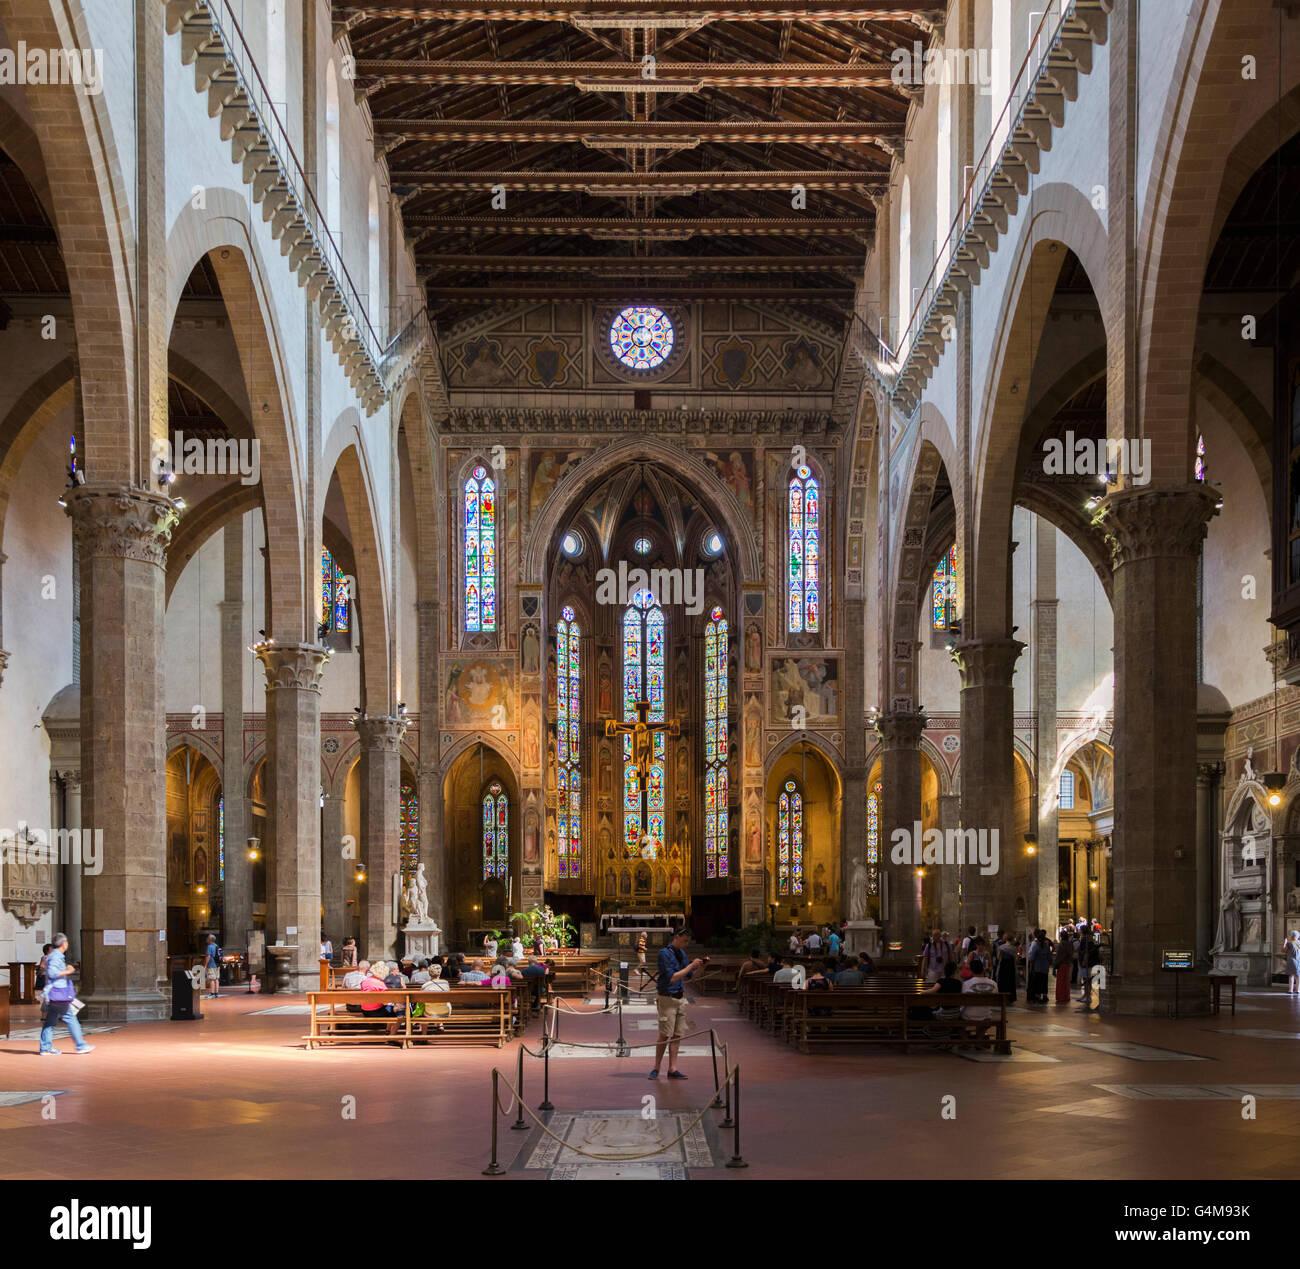 Florenz, Toskana, Italien.  Basilika Santa Croce.  Blick entlang der Länge des Schiffes zum Altar. Stockbild